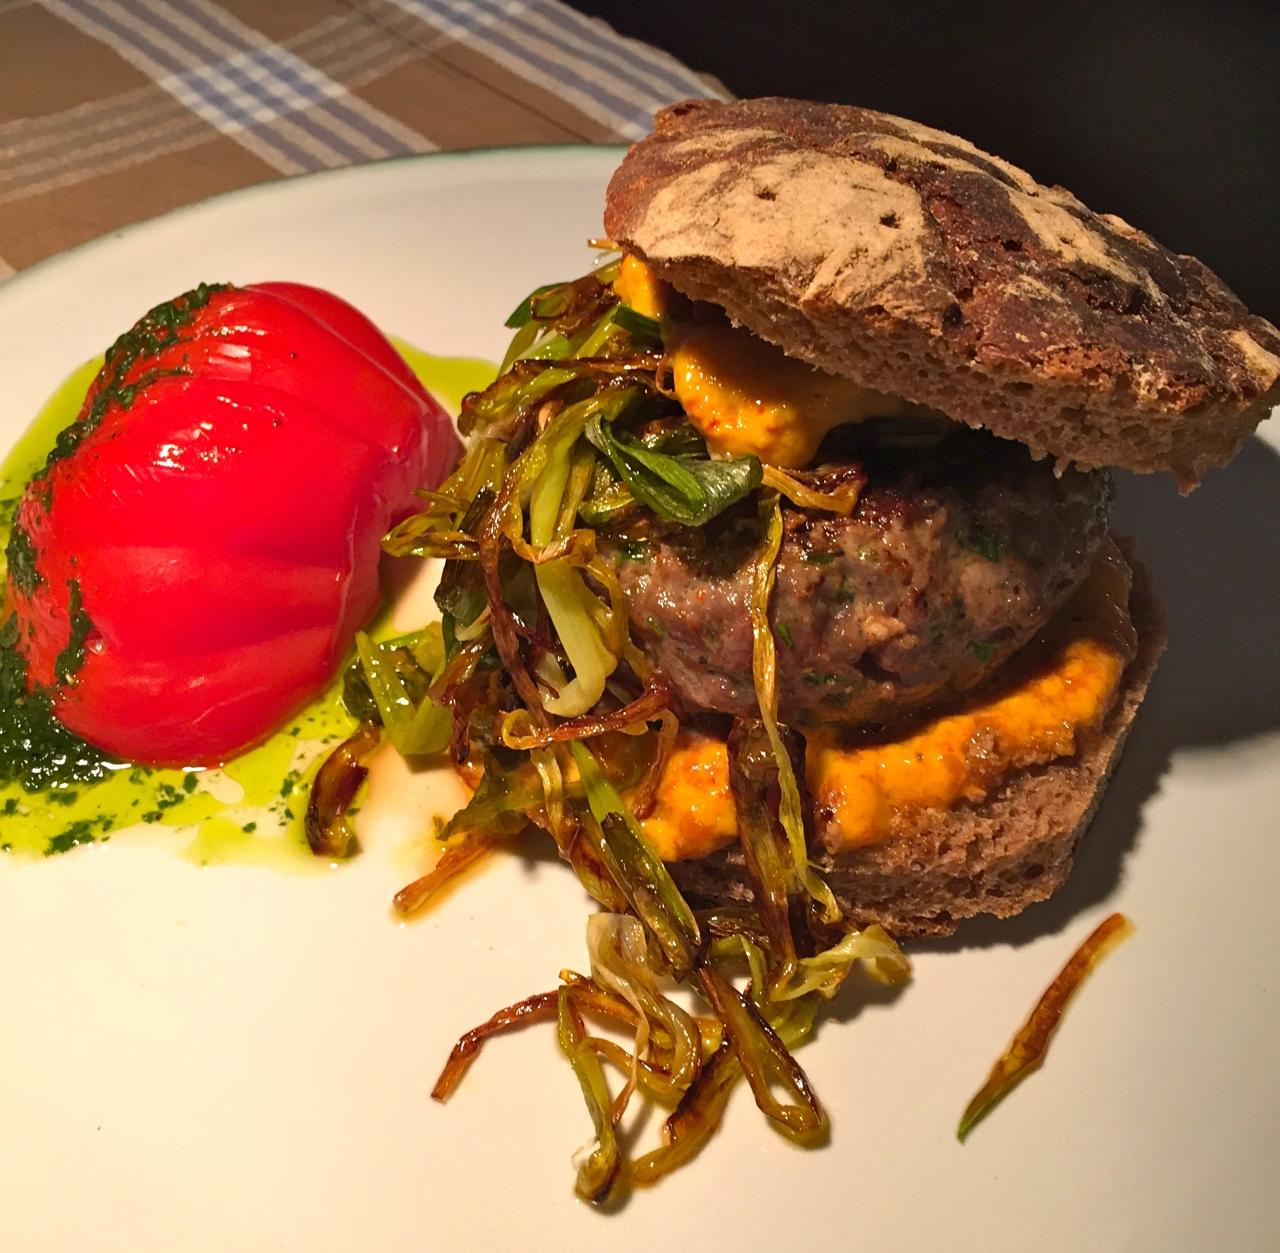 MacRye |Burger meetsVinschgauer